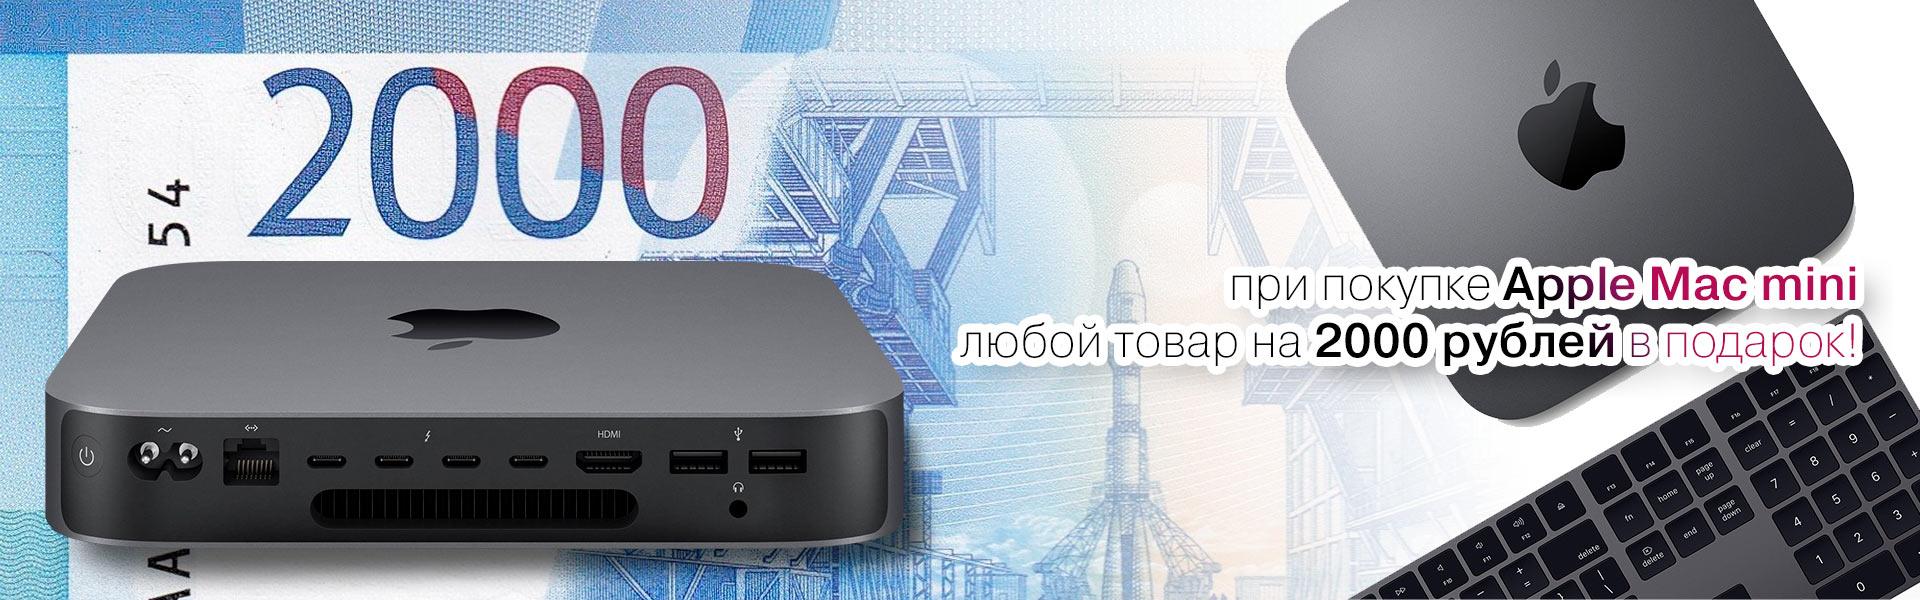 2000 рублей в подарок при покупке Mac mini!